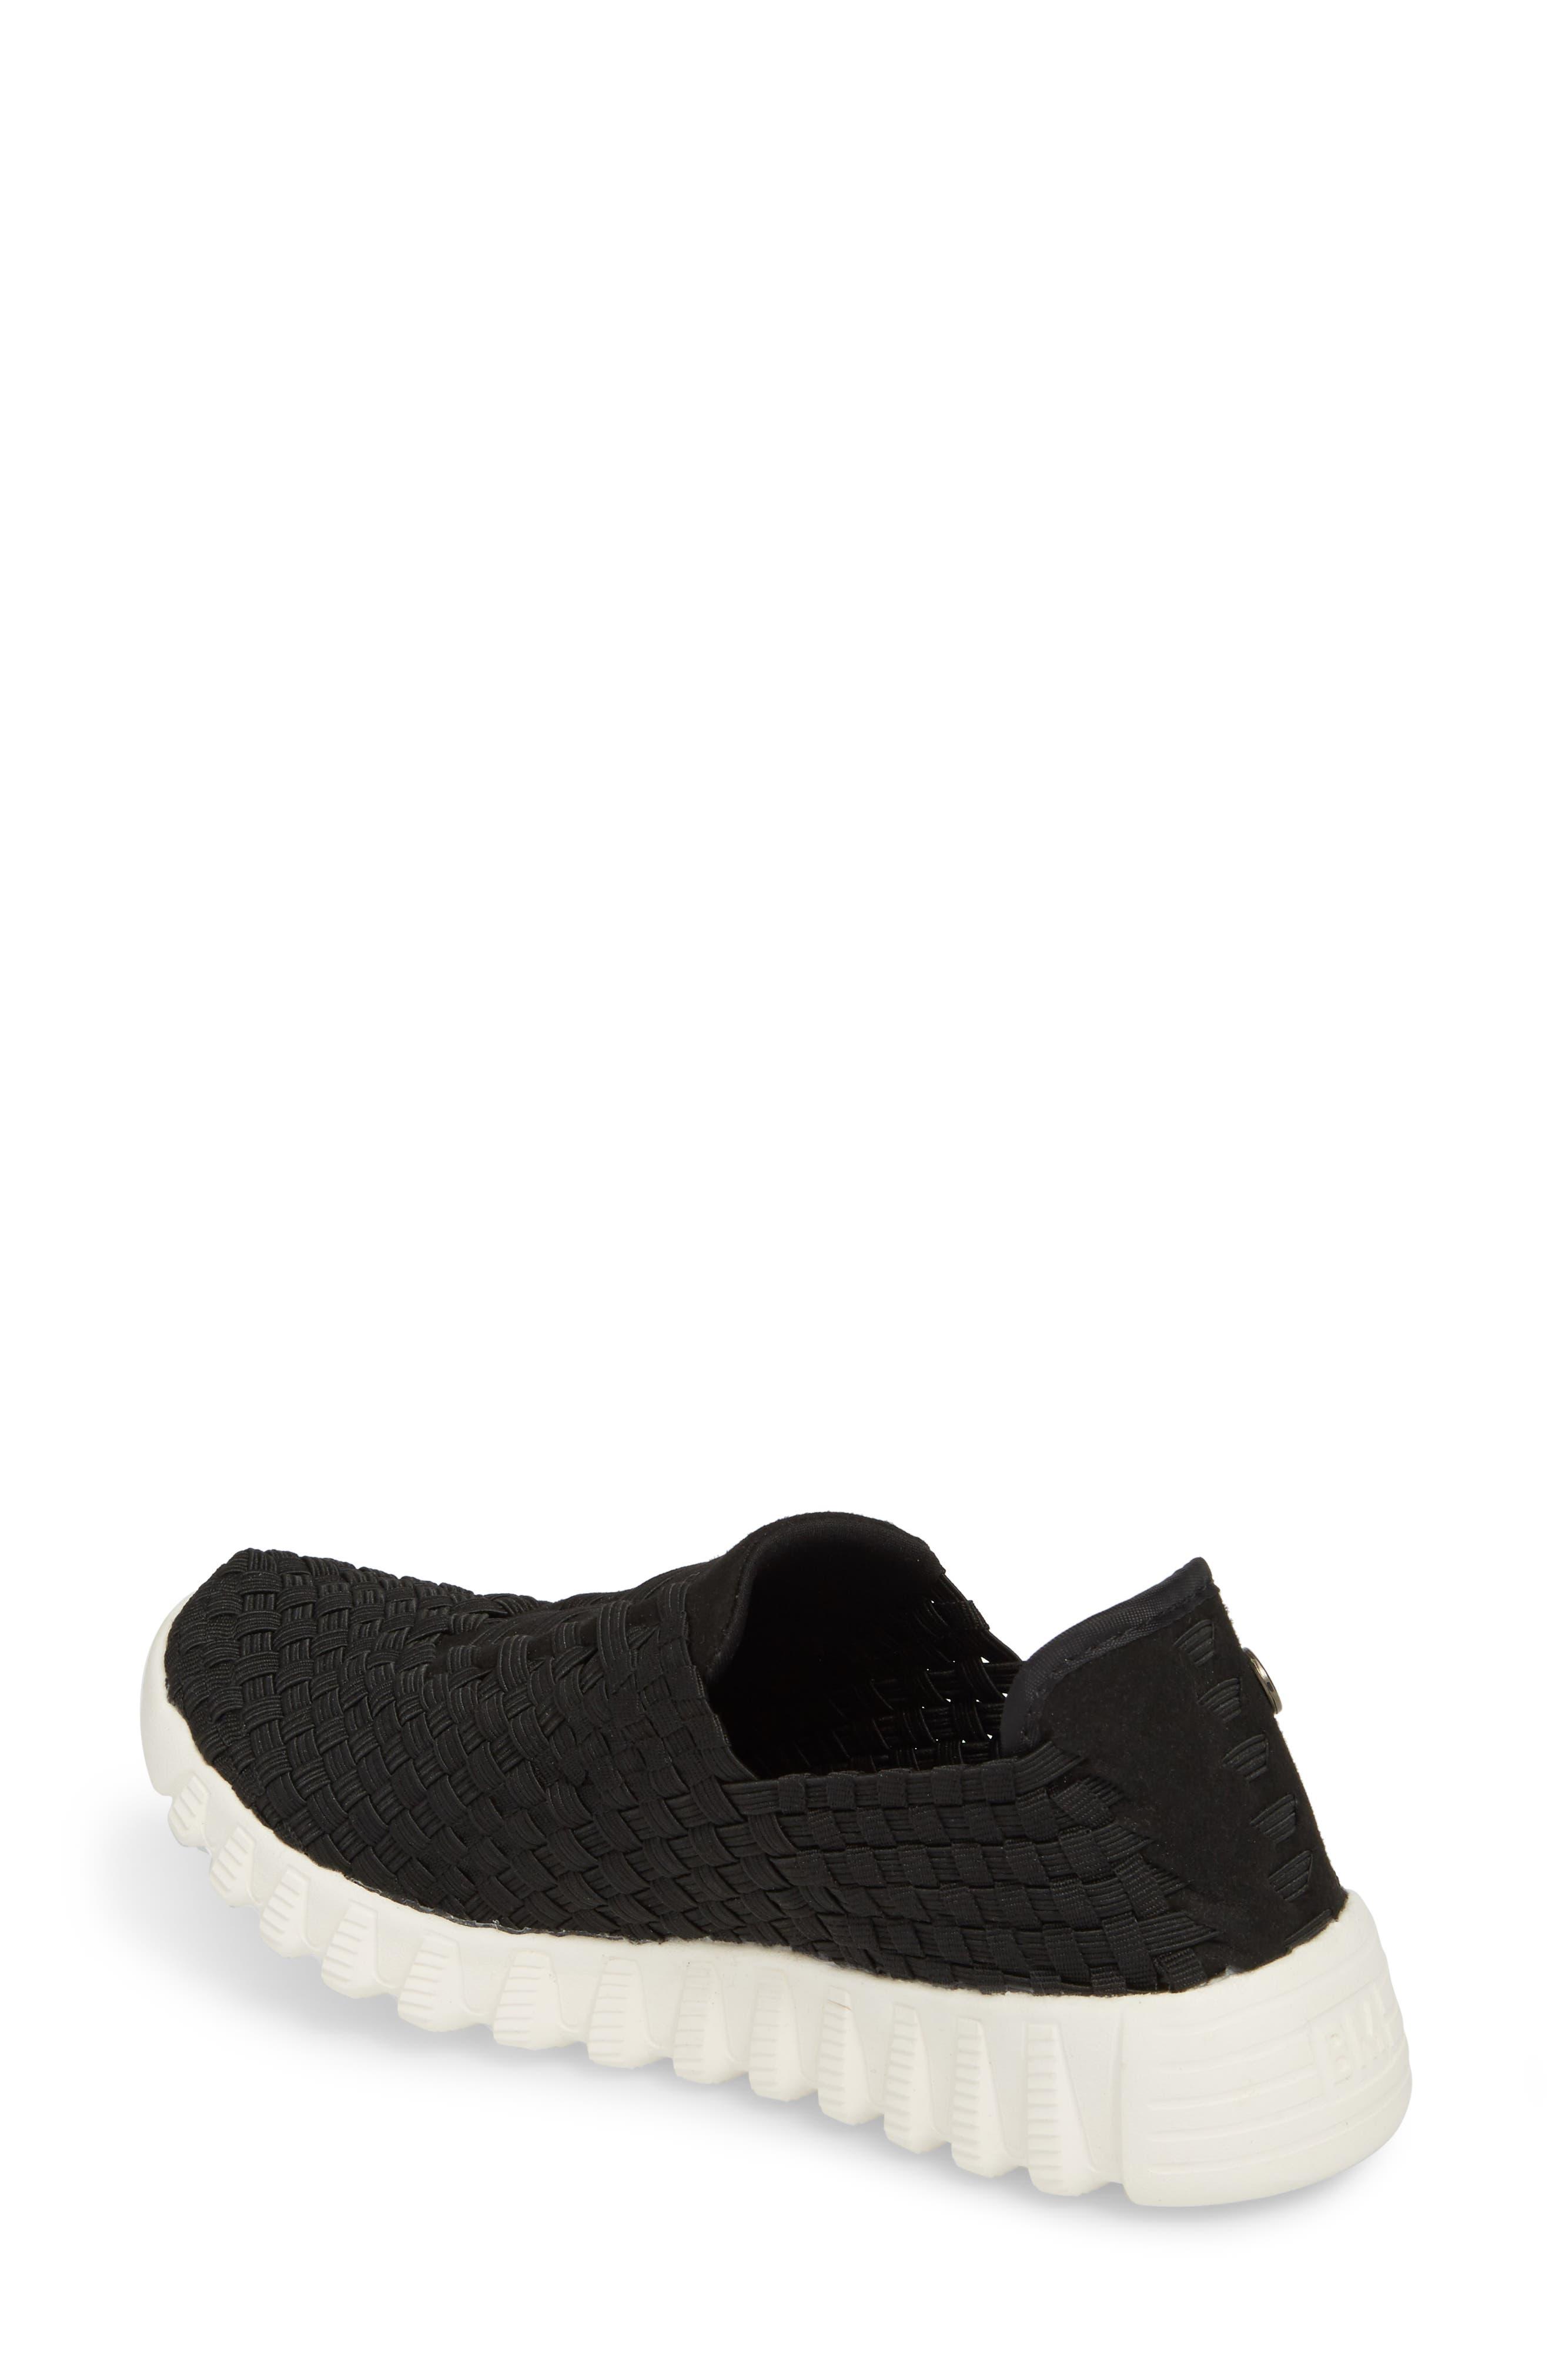 Vivaldi Slip-On Sneaker,                             Alternate thumbnail 2, color,                             Black